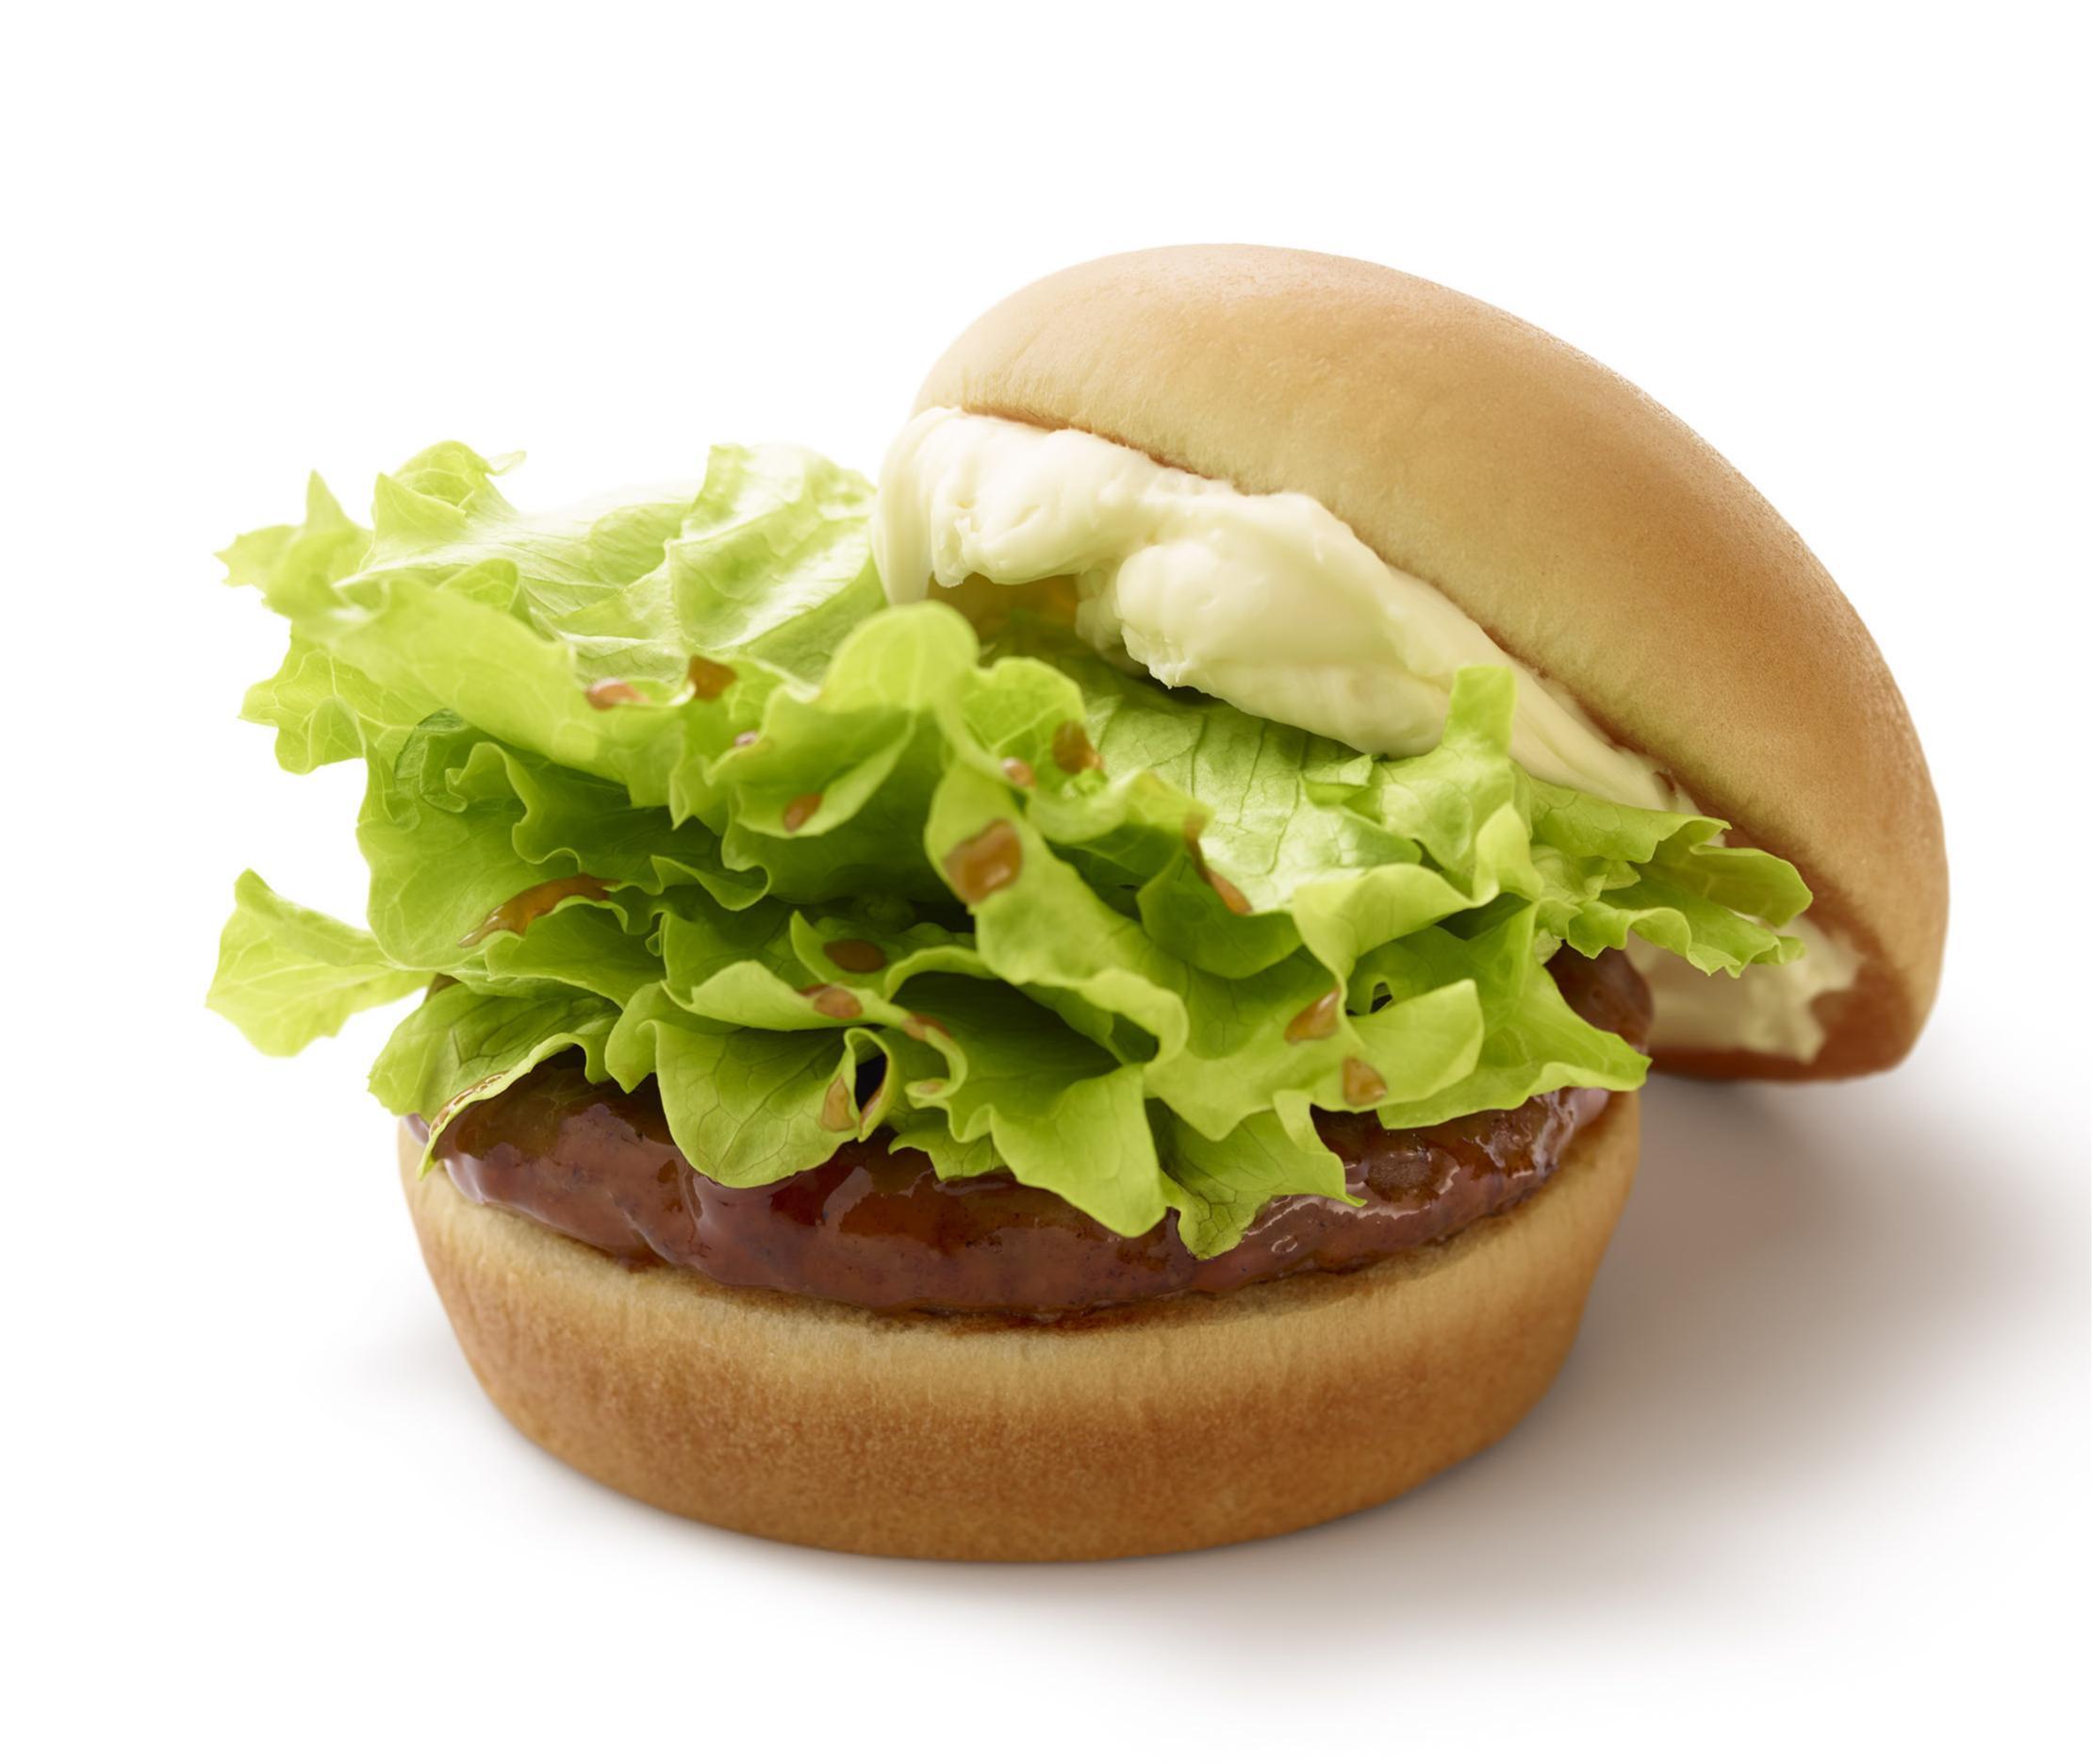 『モスバーガー』の定番バーガーとクリームチーズが出合っちゃった♡_1